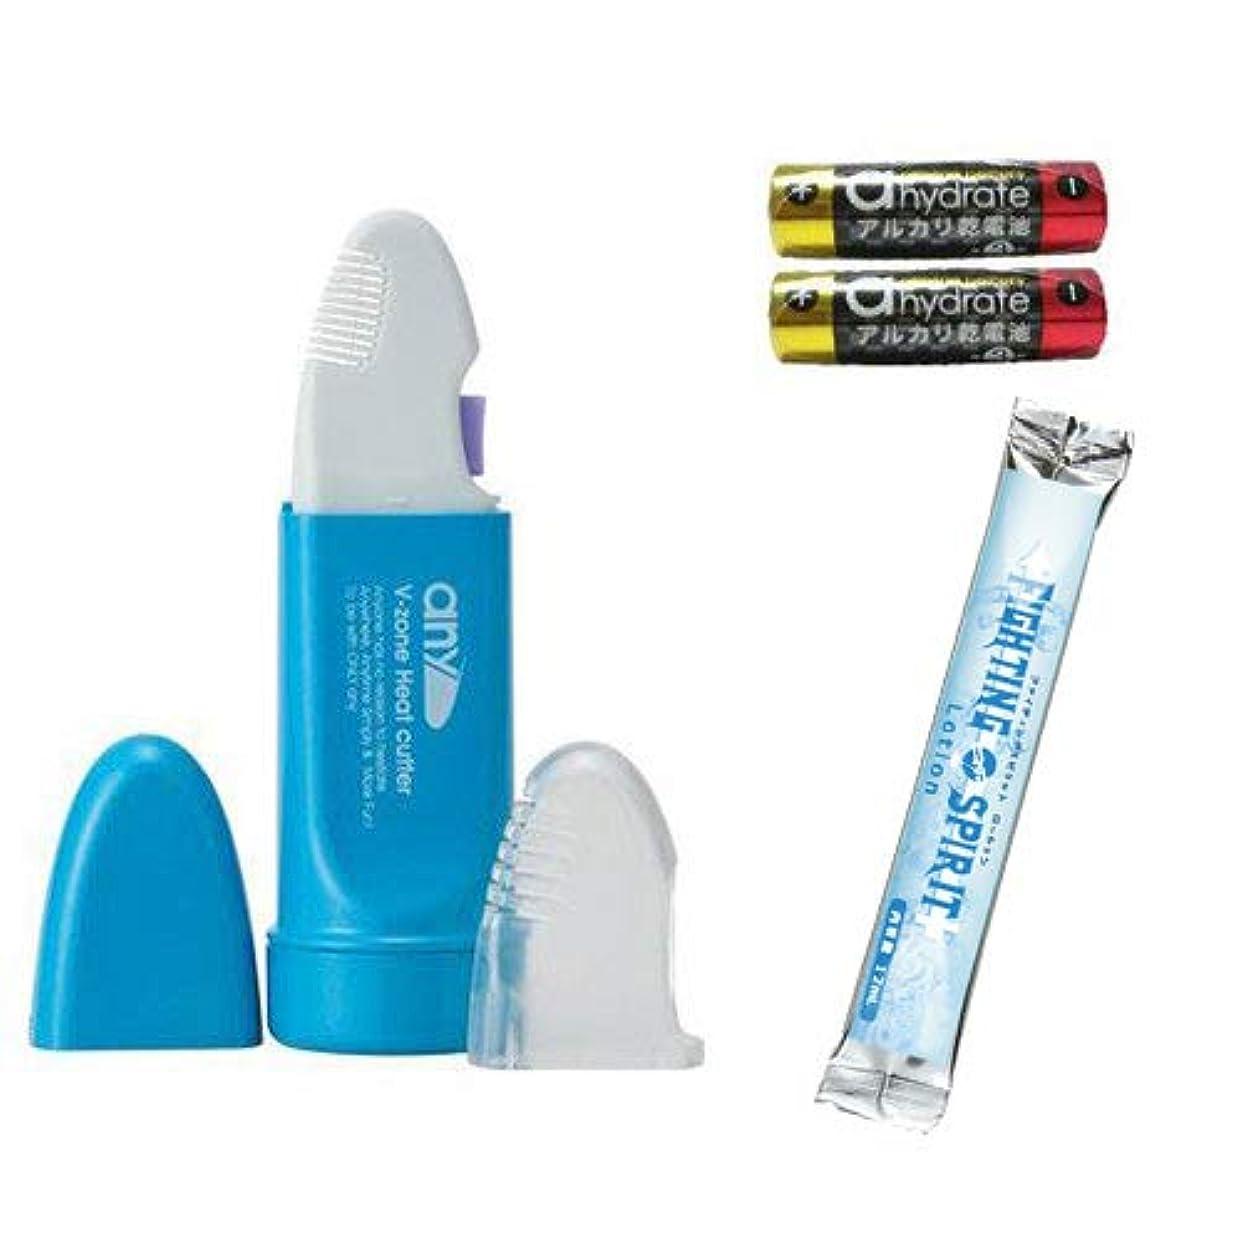 鯨海鳴らすV-Zone Heat Cutter any(エニィ) Stylish マリンブルー + 単3アルカリ電池2本付きセット + ファイティングスピリットローション(12mL) 付き